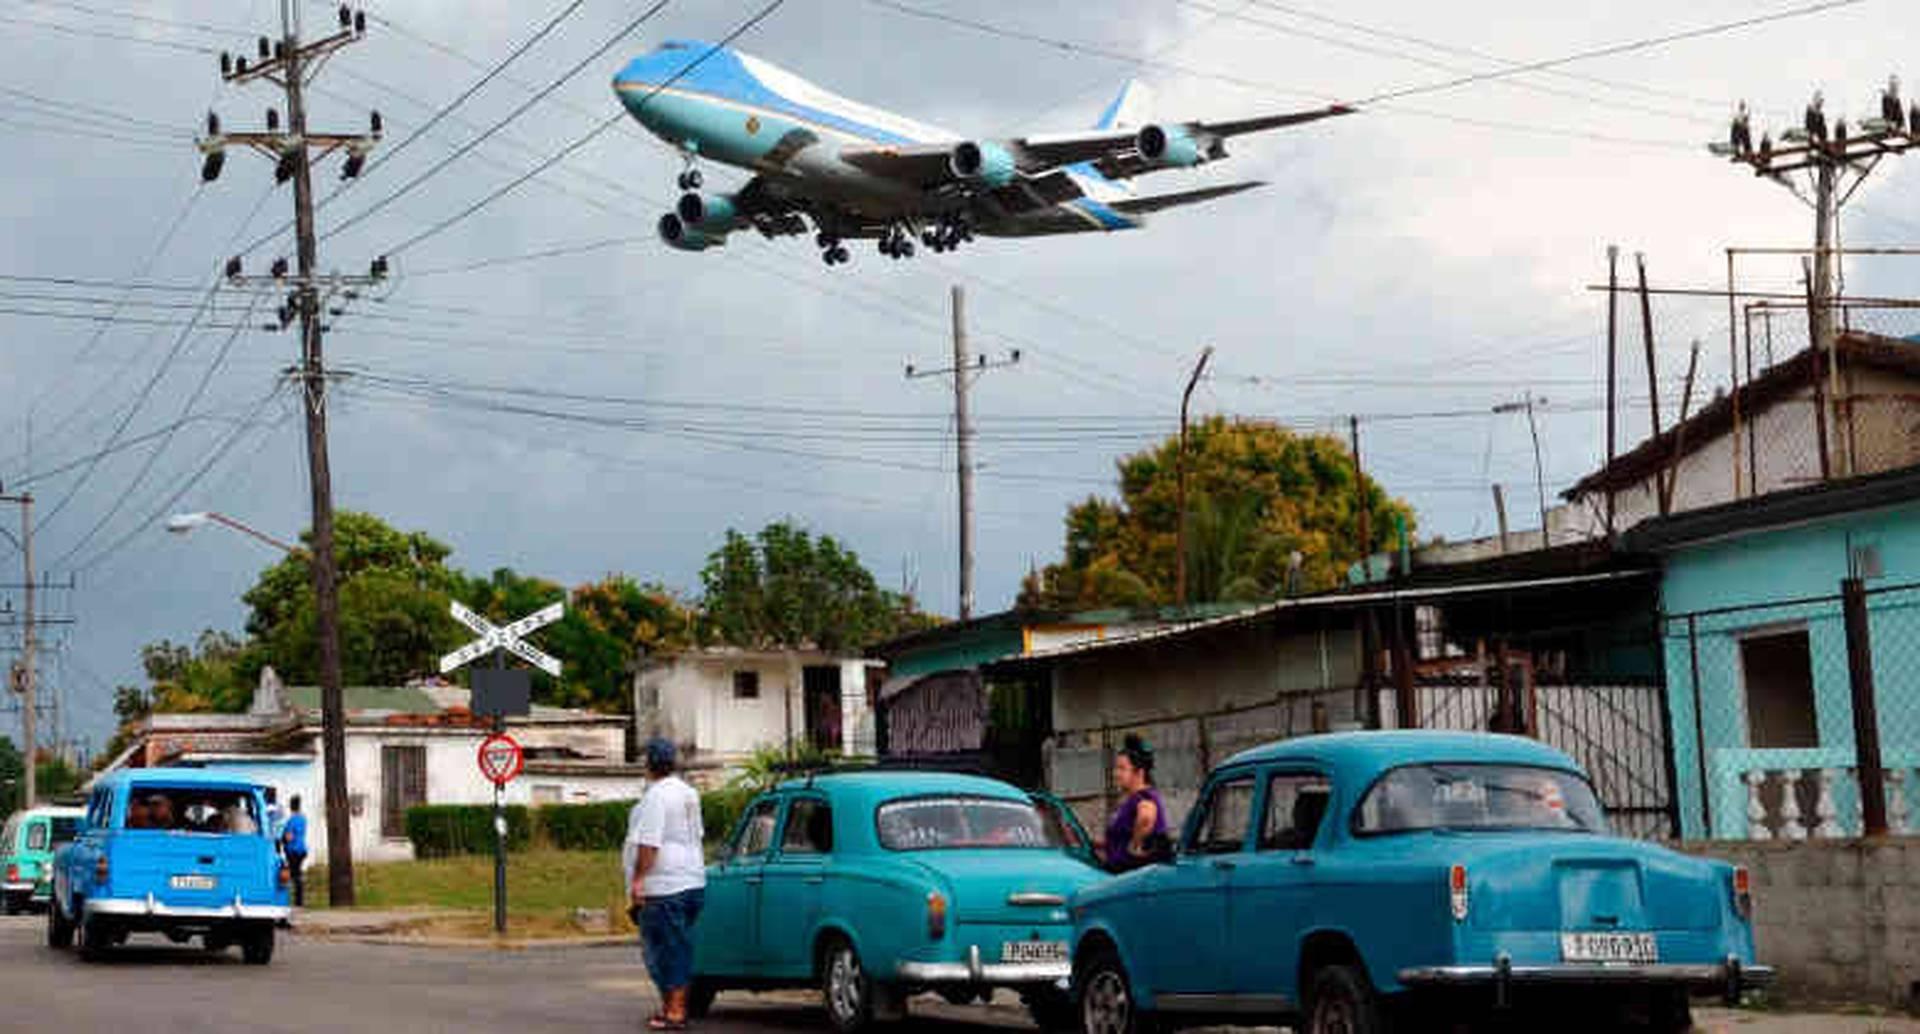 """El Air Force 1 en La Habana. Tras casi 60 años de  relaciones congeladas entre Estados Unidos y Cuba, el Air Force One llegó a La Habana el 20 de marzo con el presidente Barack Obama y su familia a bordo para la histórica visita a ese país, donde se reunió con su colega cubano Raúl Castro para acelerar los cambios de la """"posrevolución""""."""